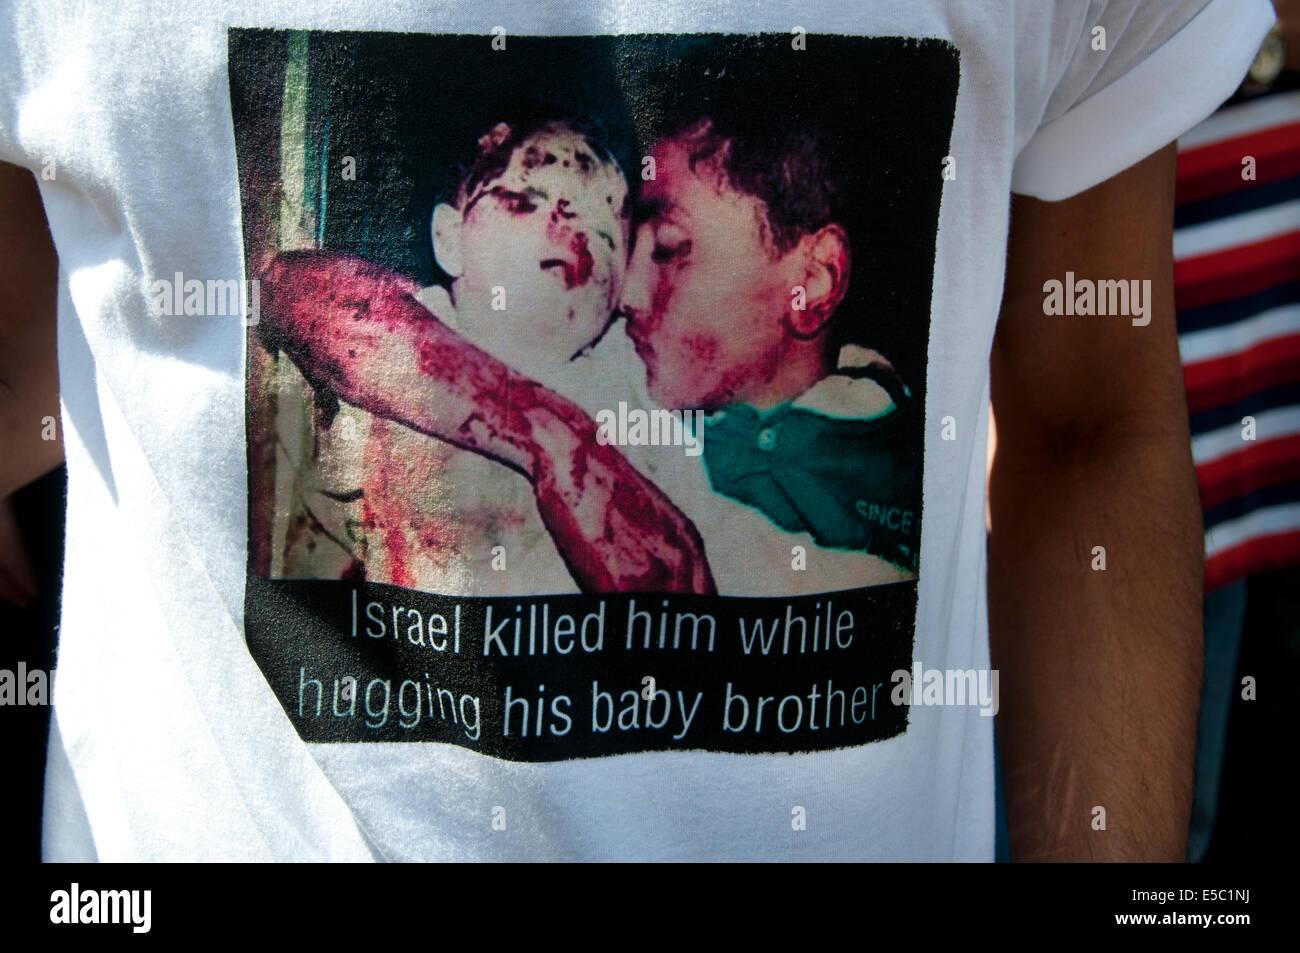 La dimostrazione contro il bombardamento israeliano della Striscia di Gaza, 26.07.2014. Un manifestante indossa Immagini Stock